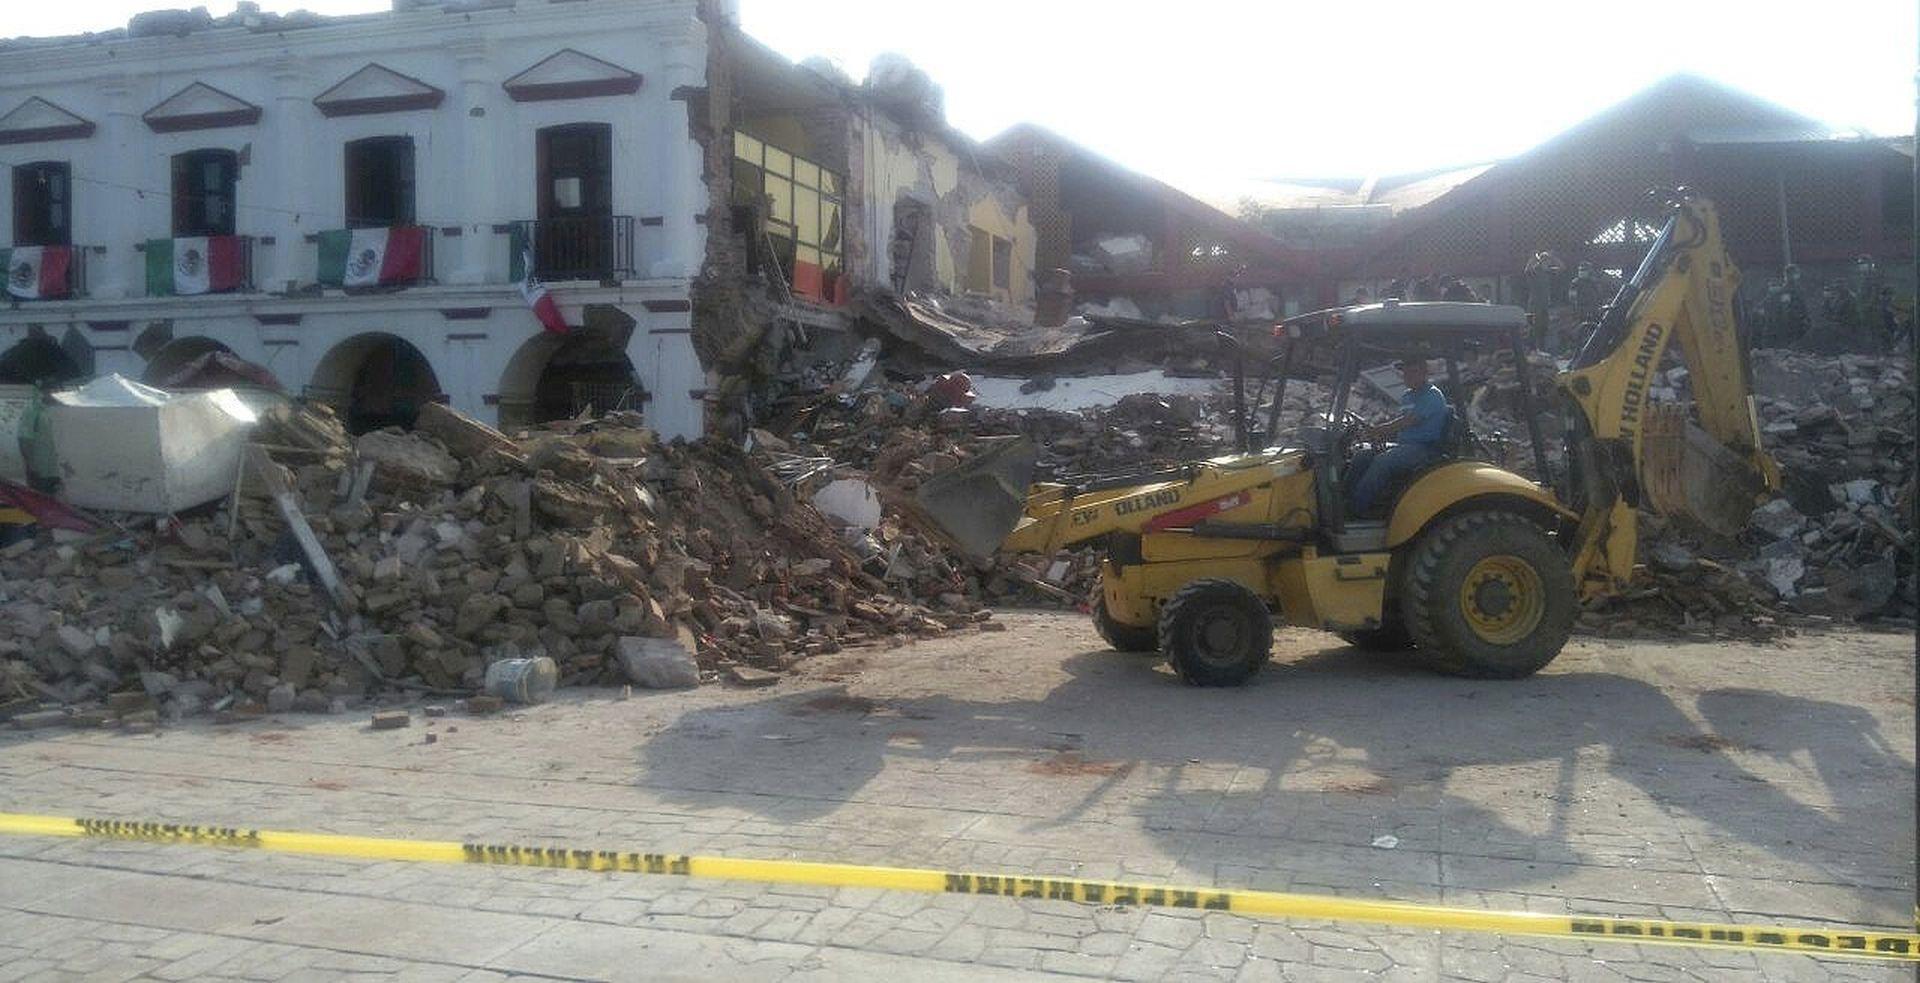 RAZORNI POTRES U MEKSIKU Više od 90 mrtvih, obustavljena potraga